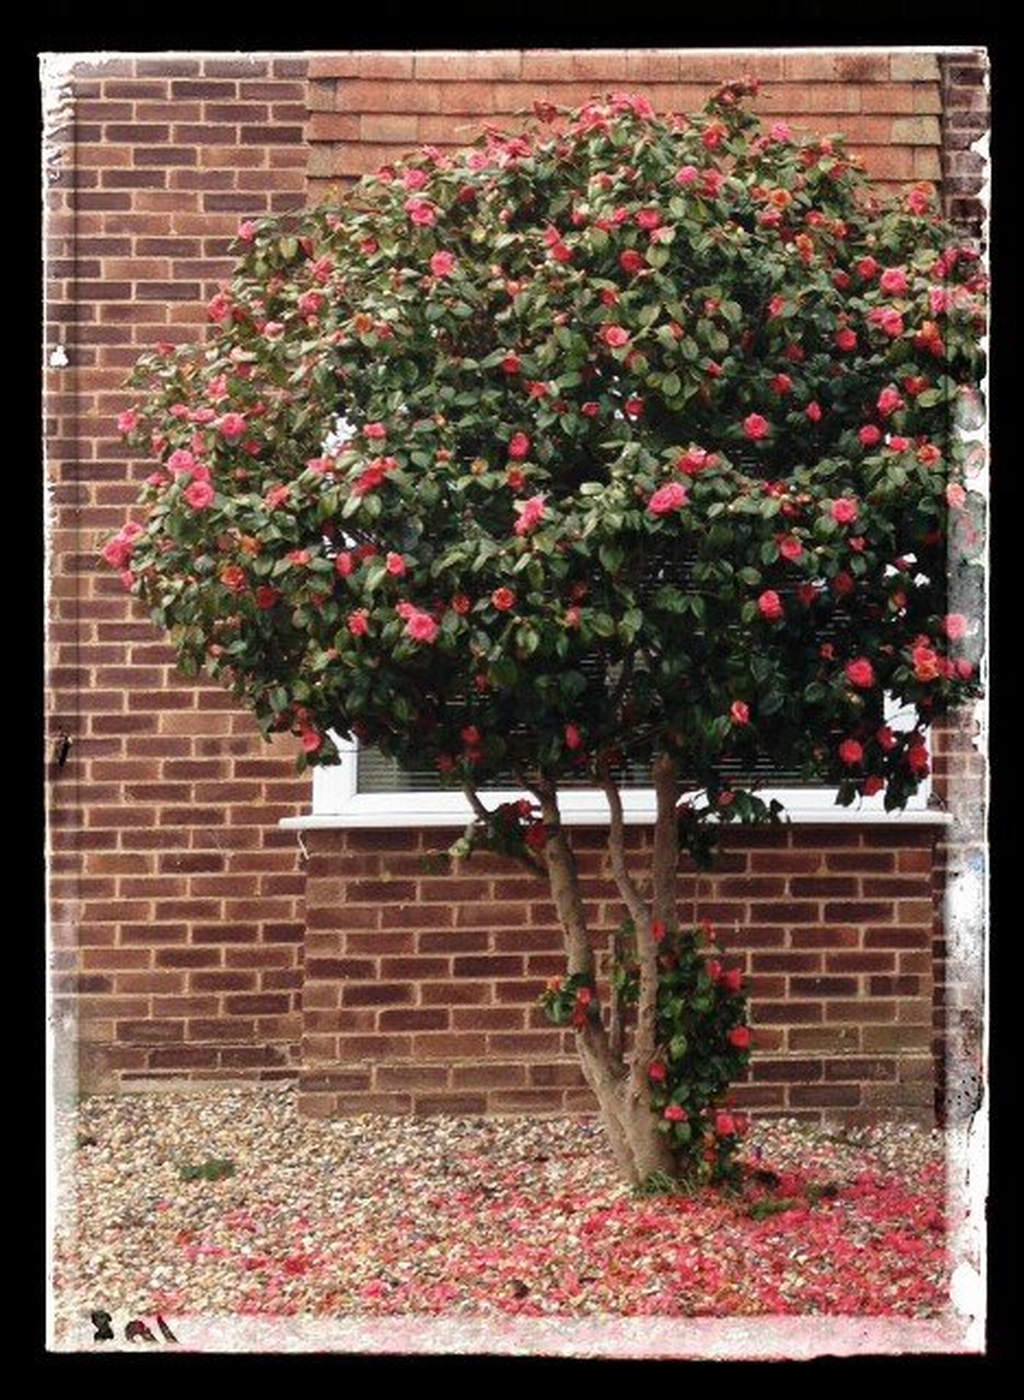 Tree in bloom by denidouble